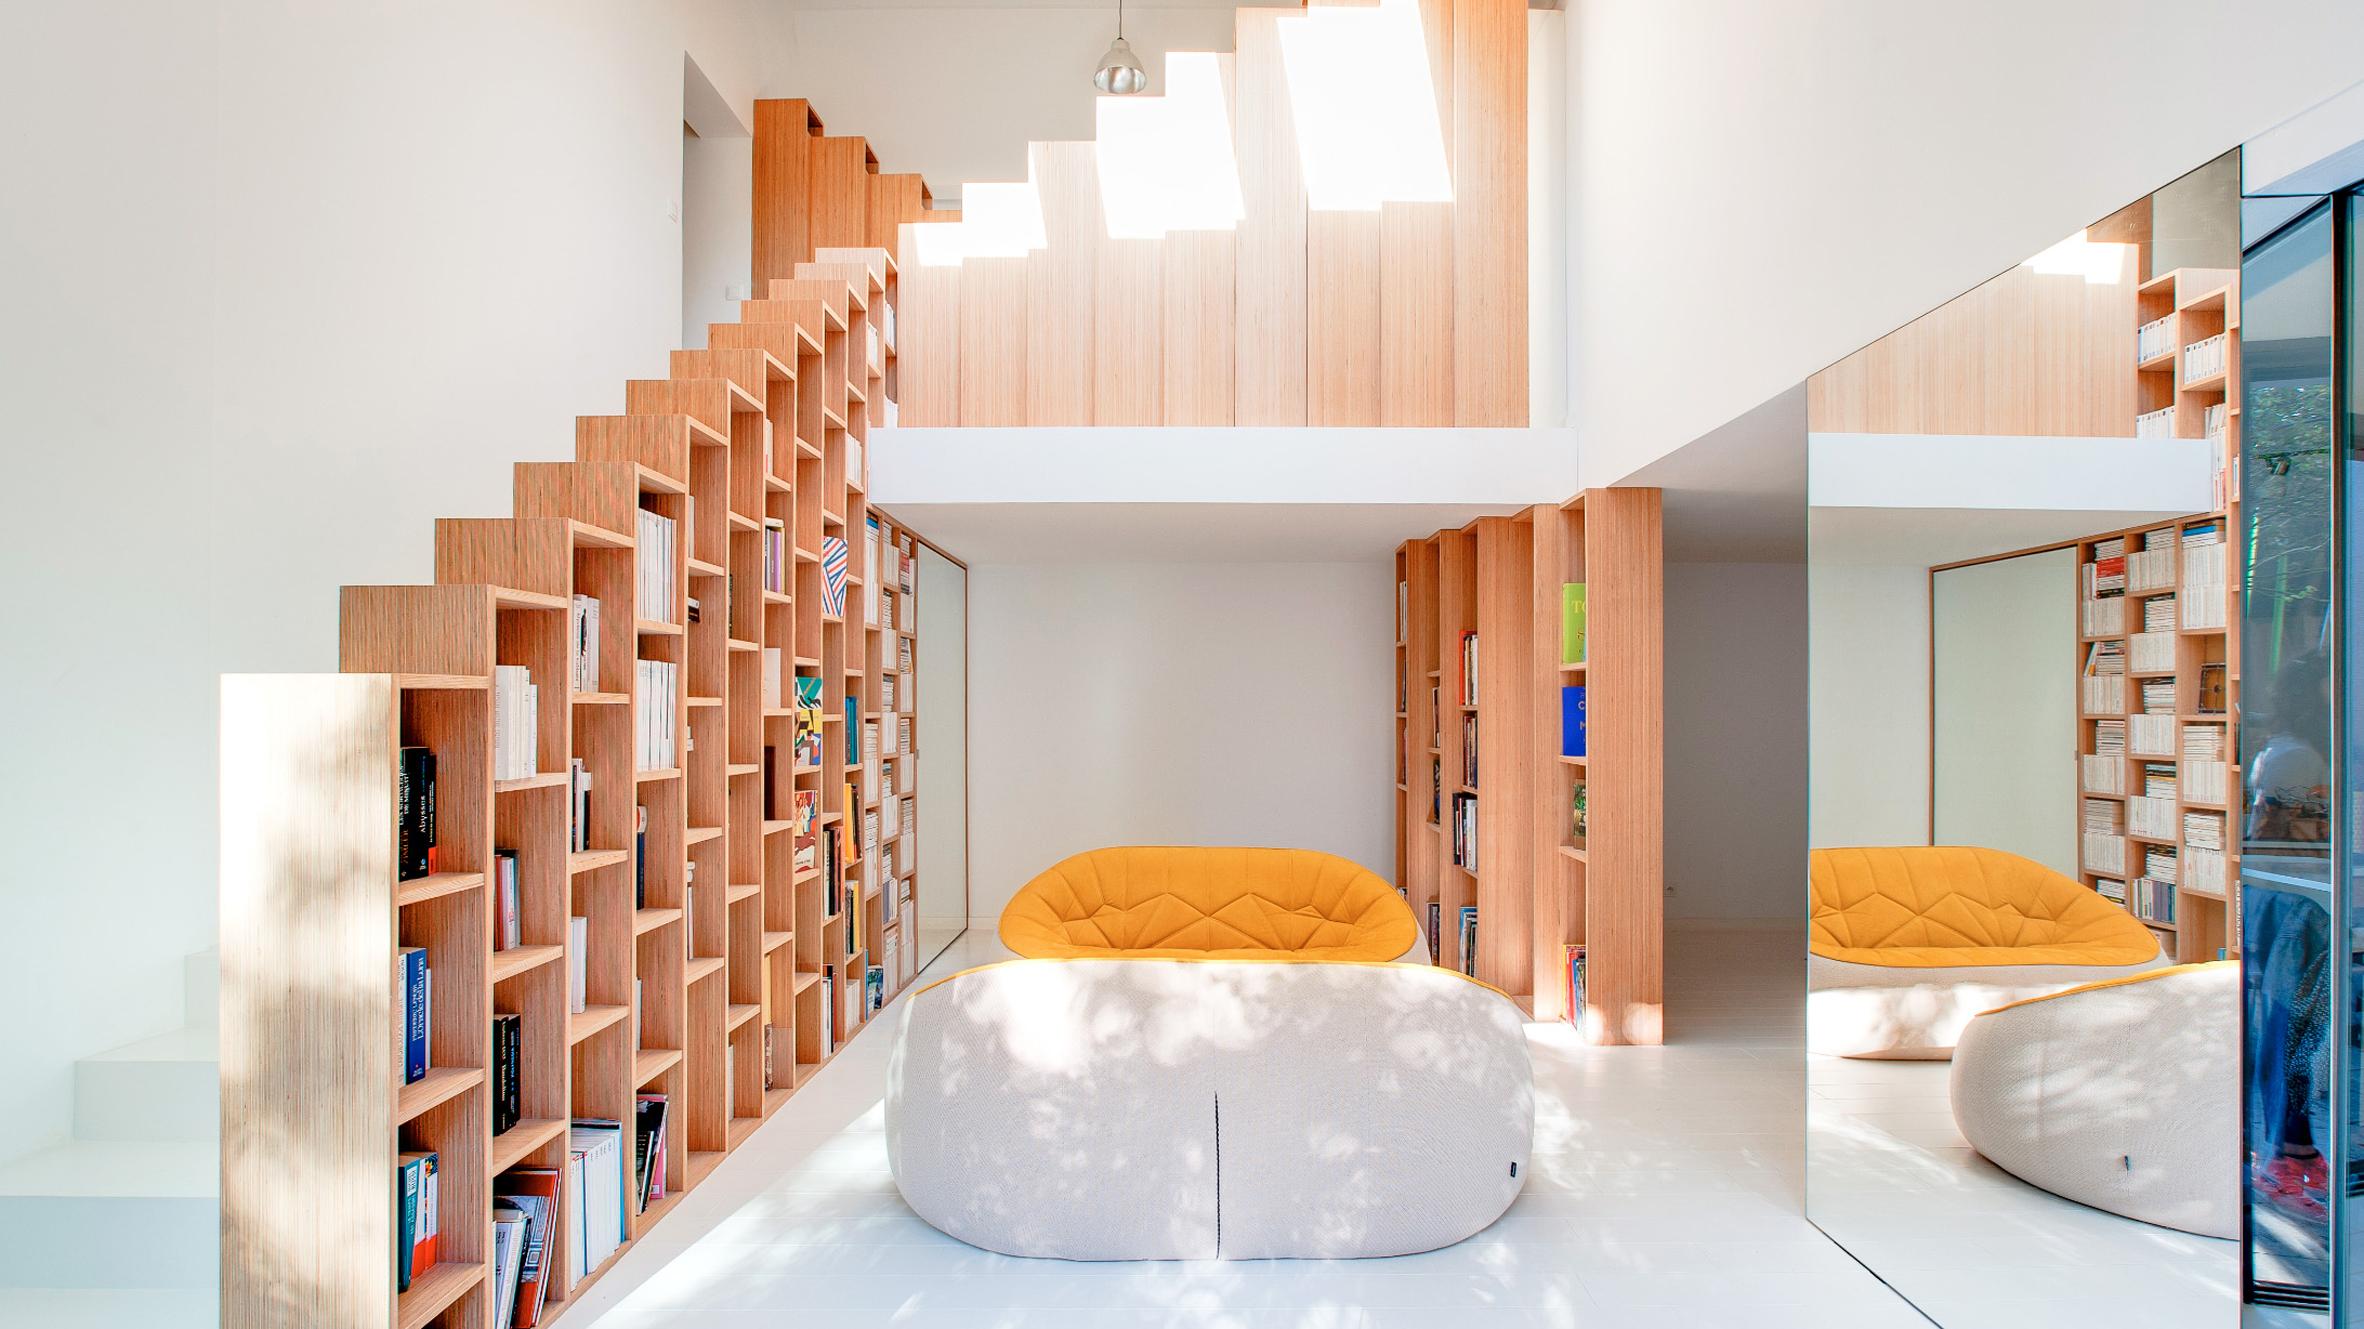 Bookshelf House Andrea Mosca Interior